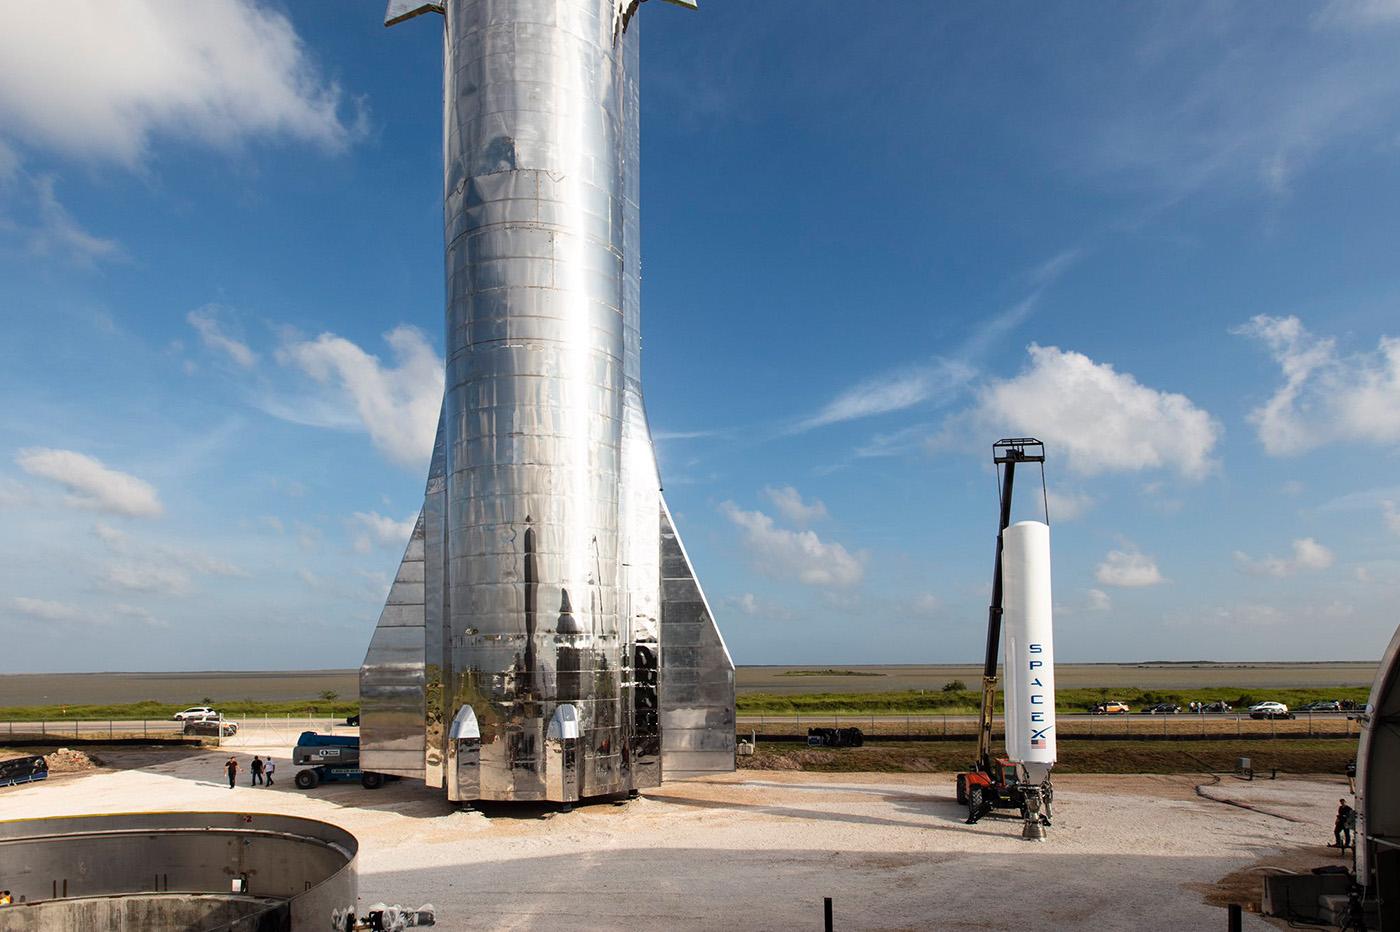 La NASA veut être honnête, elle n'est pas conquise par le vaisseau de SpaceX - Presse-citron